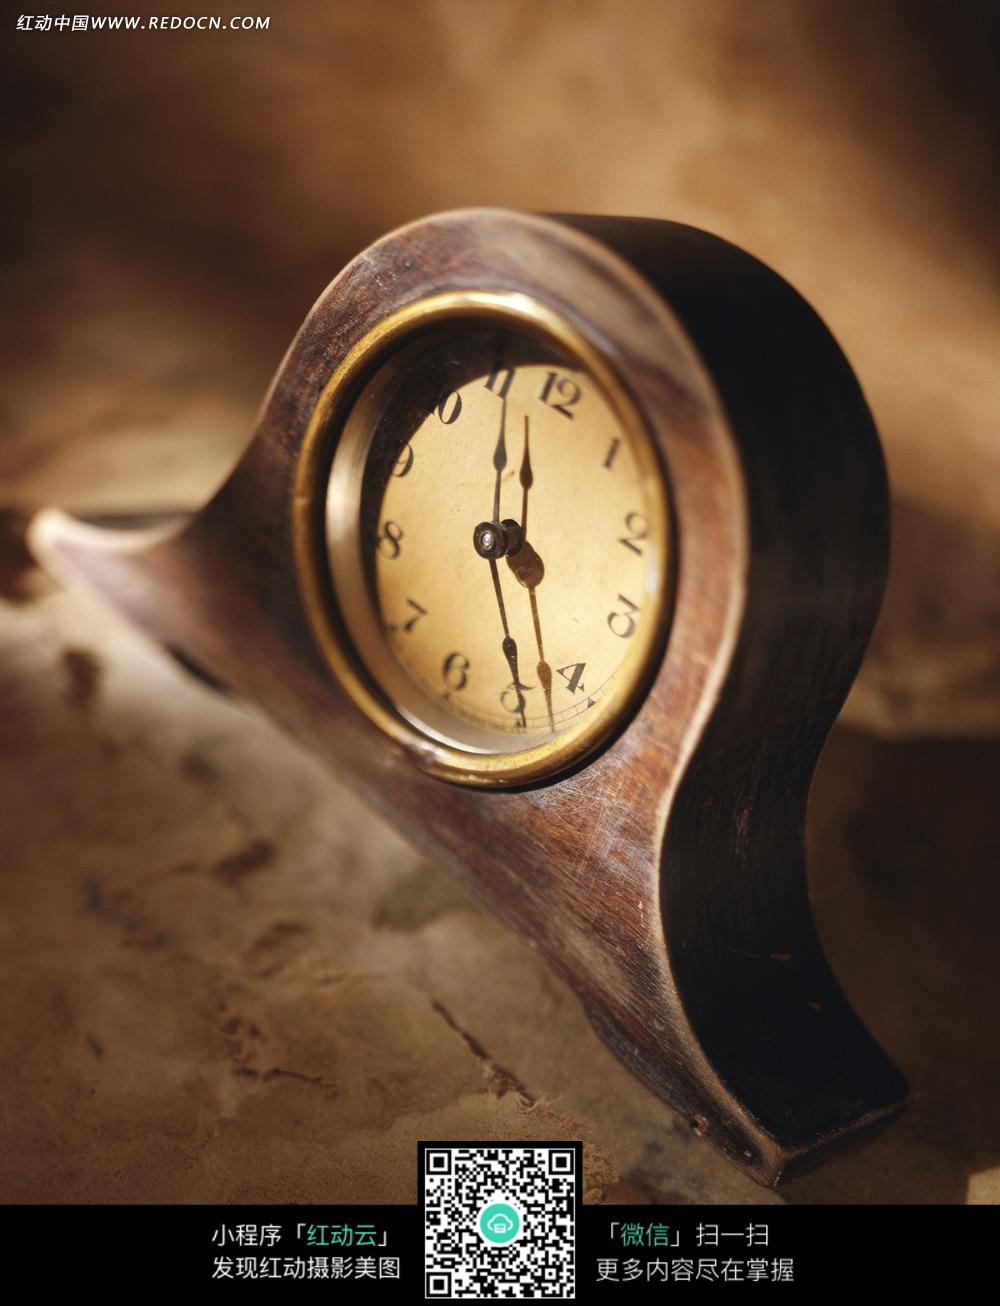 时钟 时间 木头 圆形